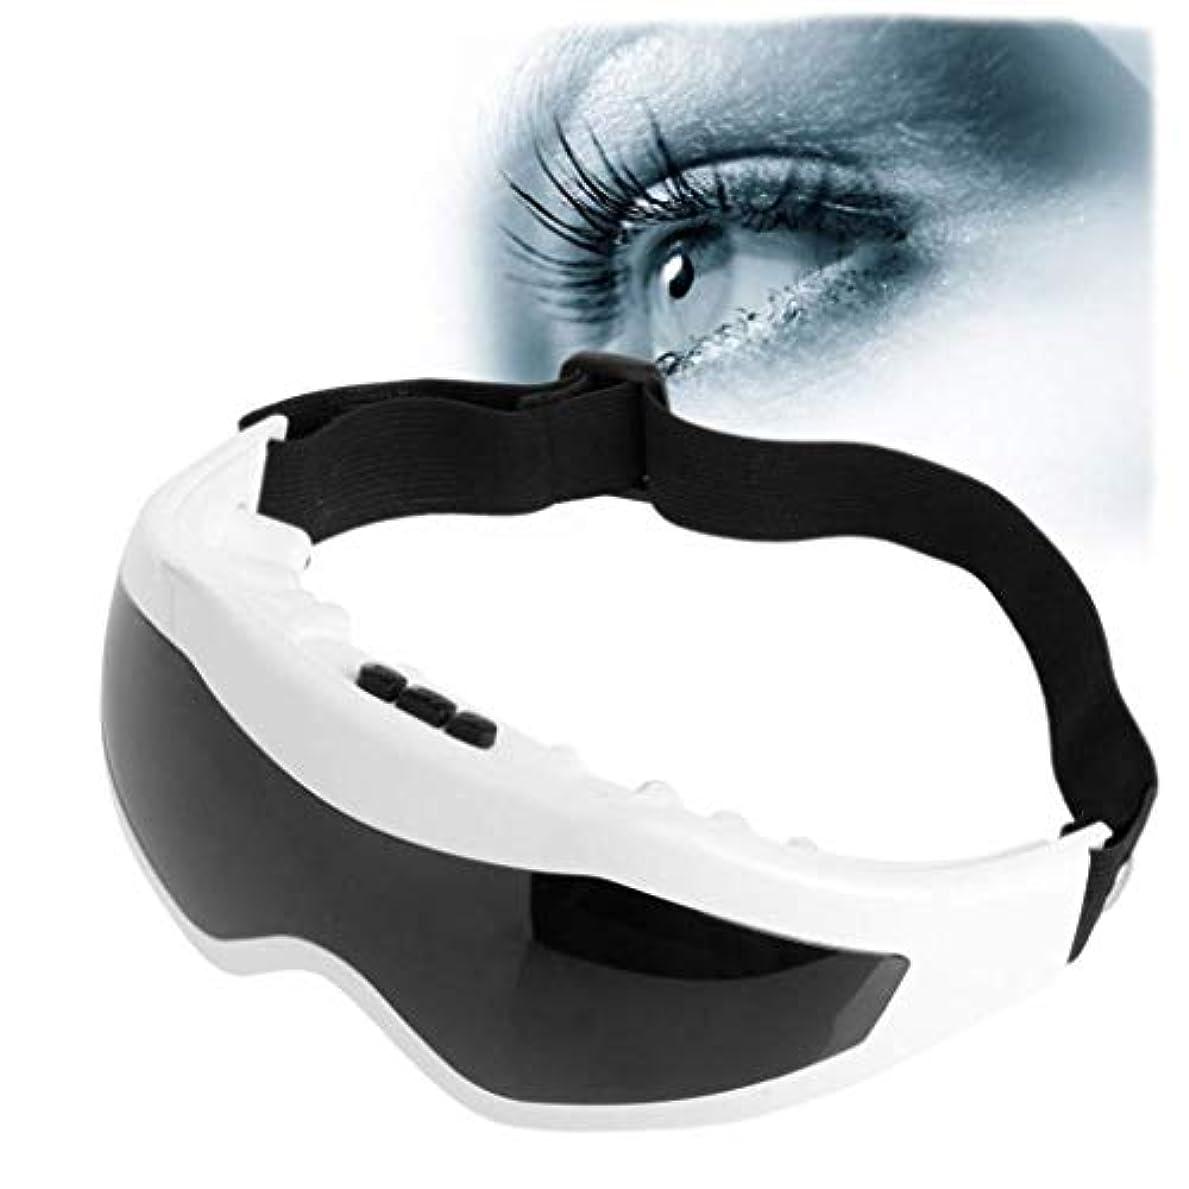 床粘性の密輸電気アイマッサージャー、9種類のマッサージ方法USB充電式、アイケアマッサージリラックス振動を軽減指の圧力を軽減します目の疲れを軽減するための保護器具